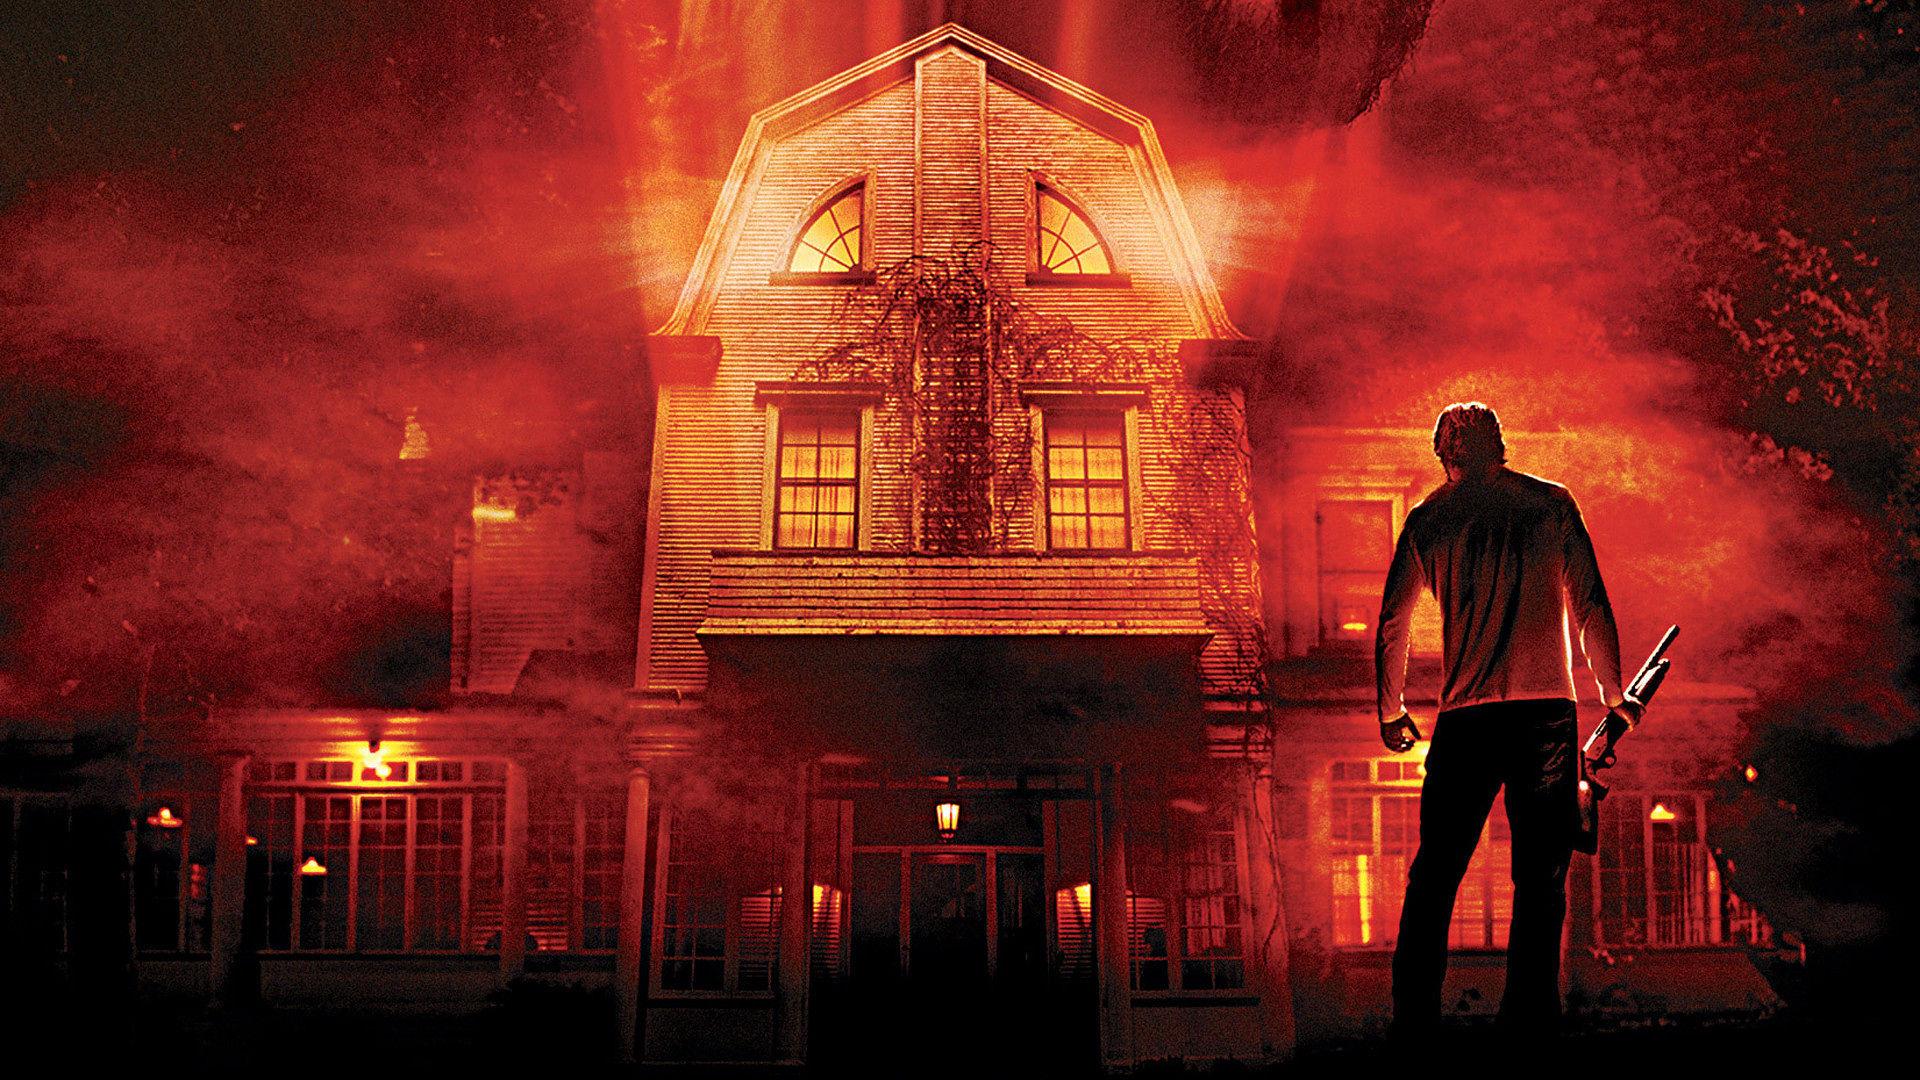 Las mejores películas de terror y suspenso en NETFLIX 2019